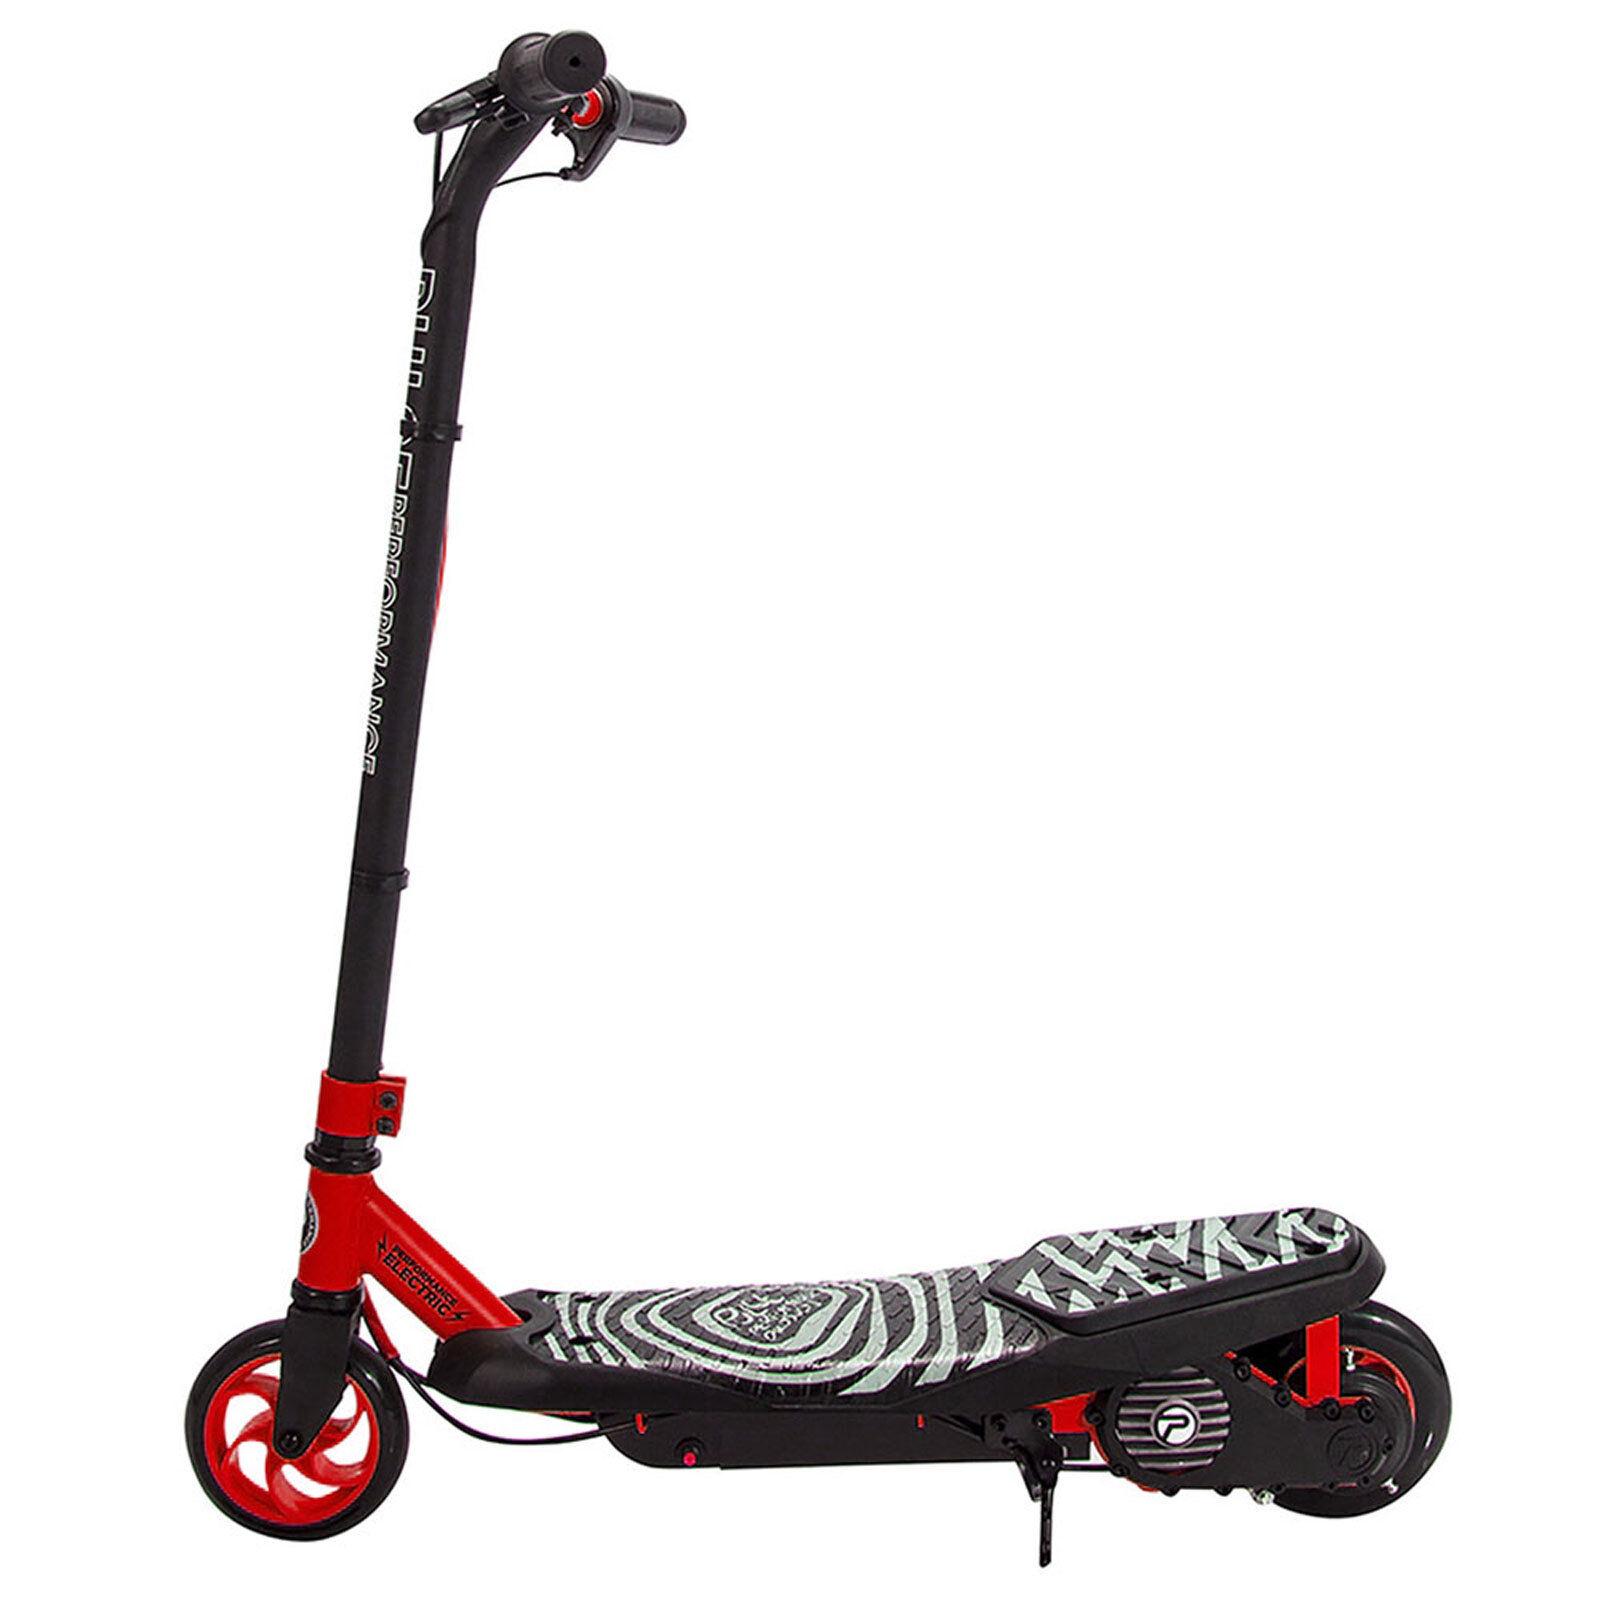 Pulse Performance Scooter Eléctrica Eléctrico Scooter E-Roller E-Roller E-Roller Plegable Patinete af208f